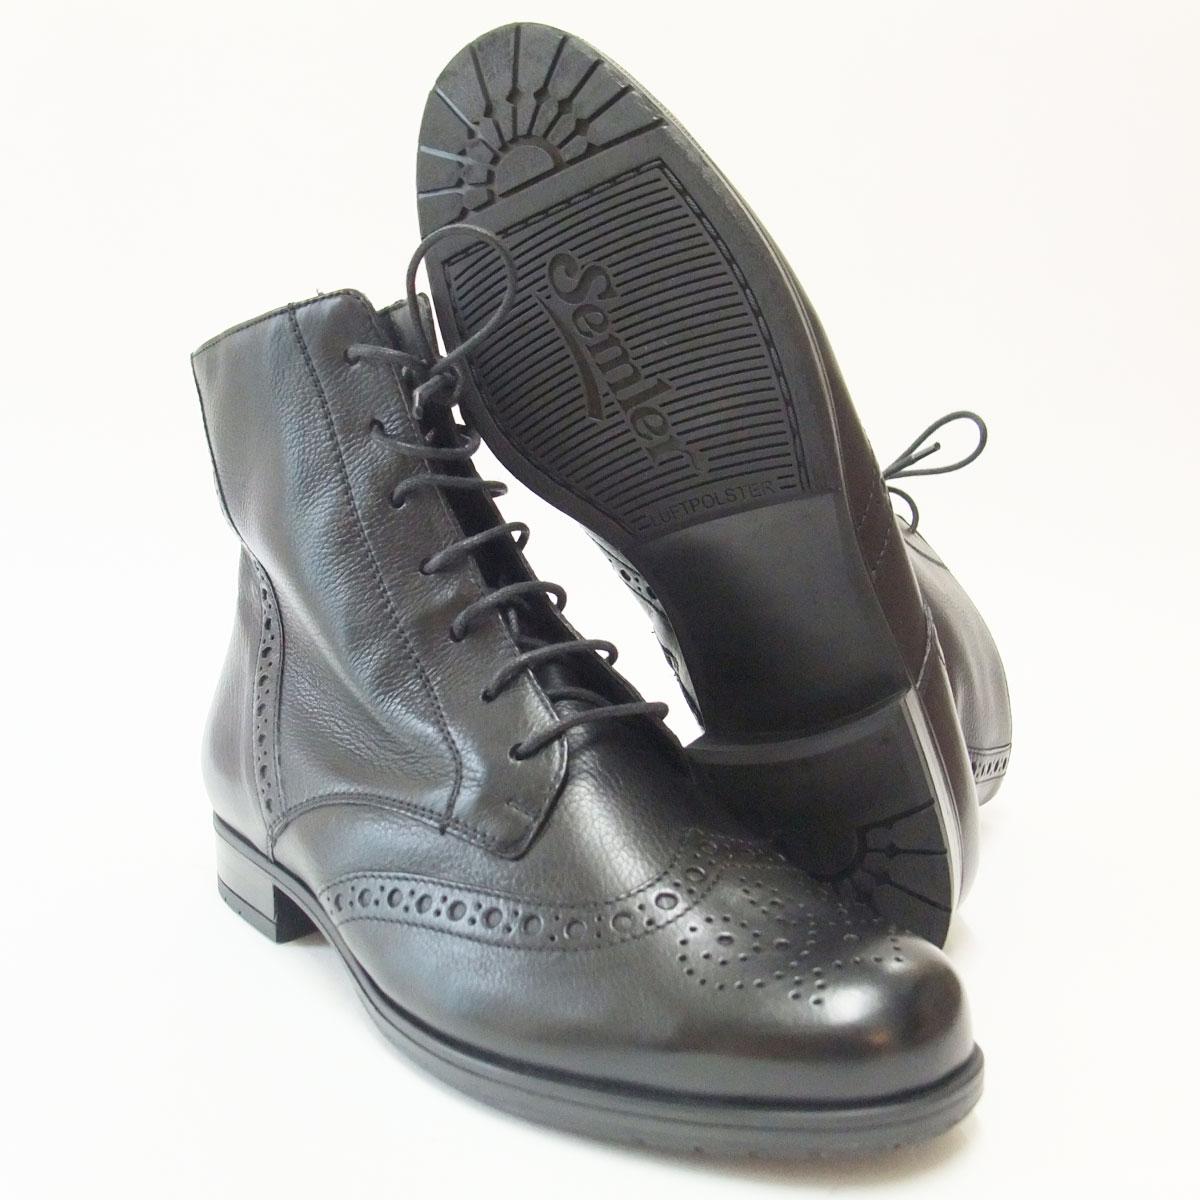 快適性と美しさを併せ持つヨーロッパ製ブーツ Semler セムラー 1805 ブラックドイツ生まれの快適コンフォートシューズ「靴」